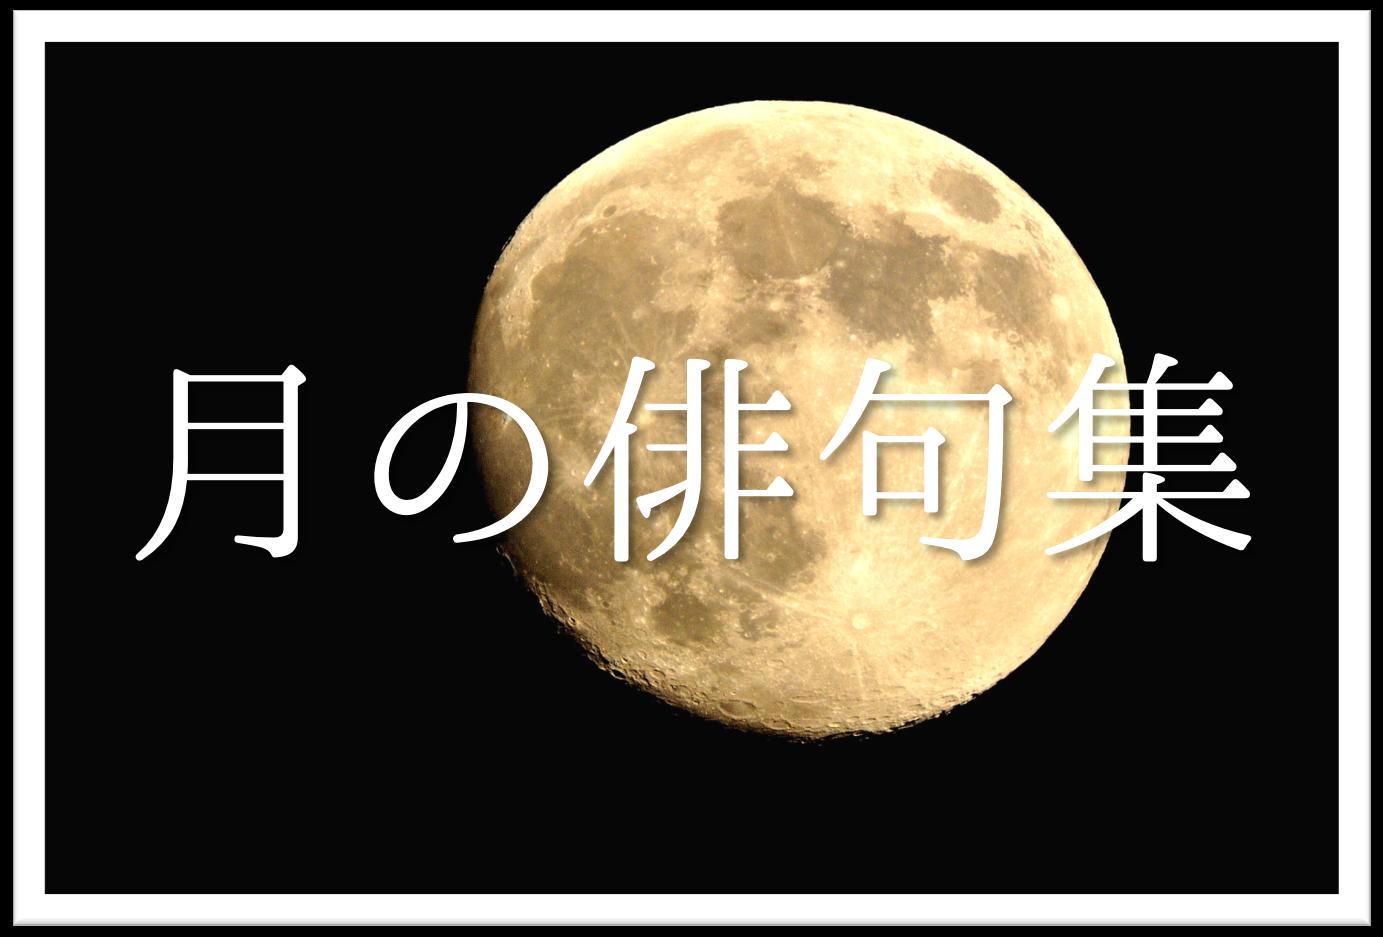 【月の俳句 30選】知っておきたい!!季語を含むおすすめ有名&素人俳句を紹介!